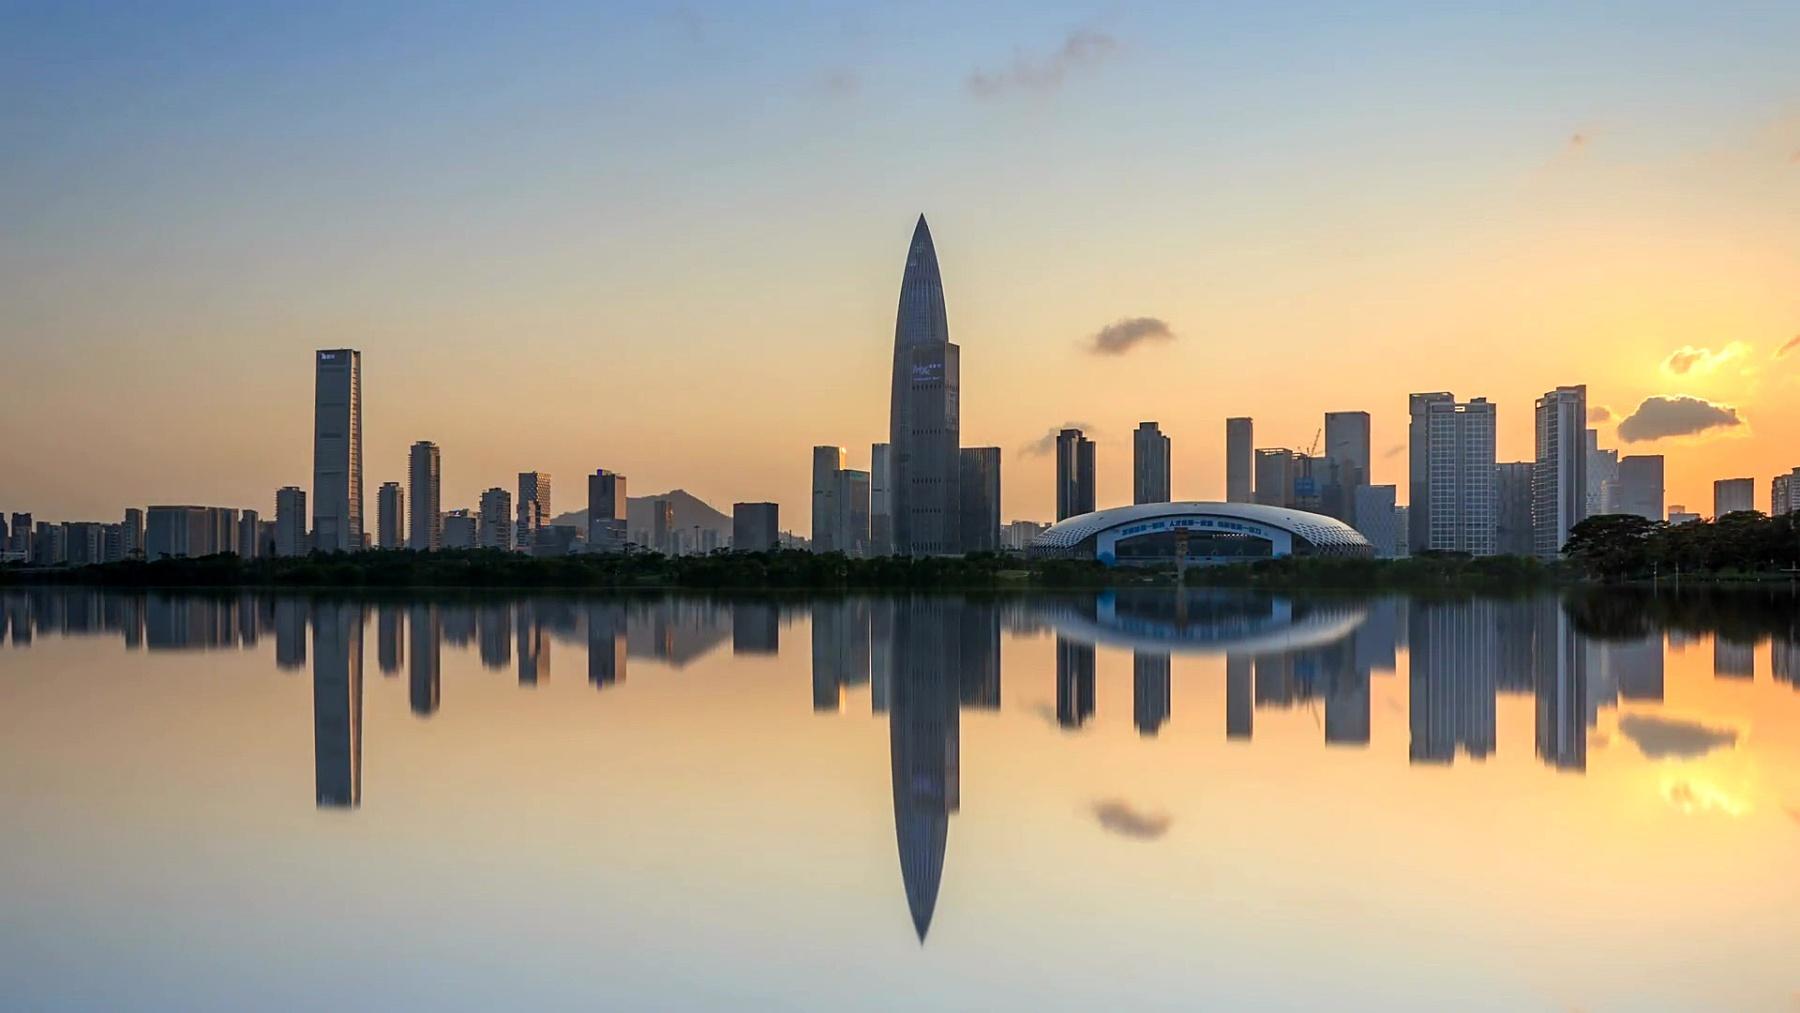 深圳湾公园和后海金融区从黄昏到夜晚/中国深圳。